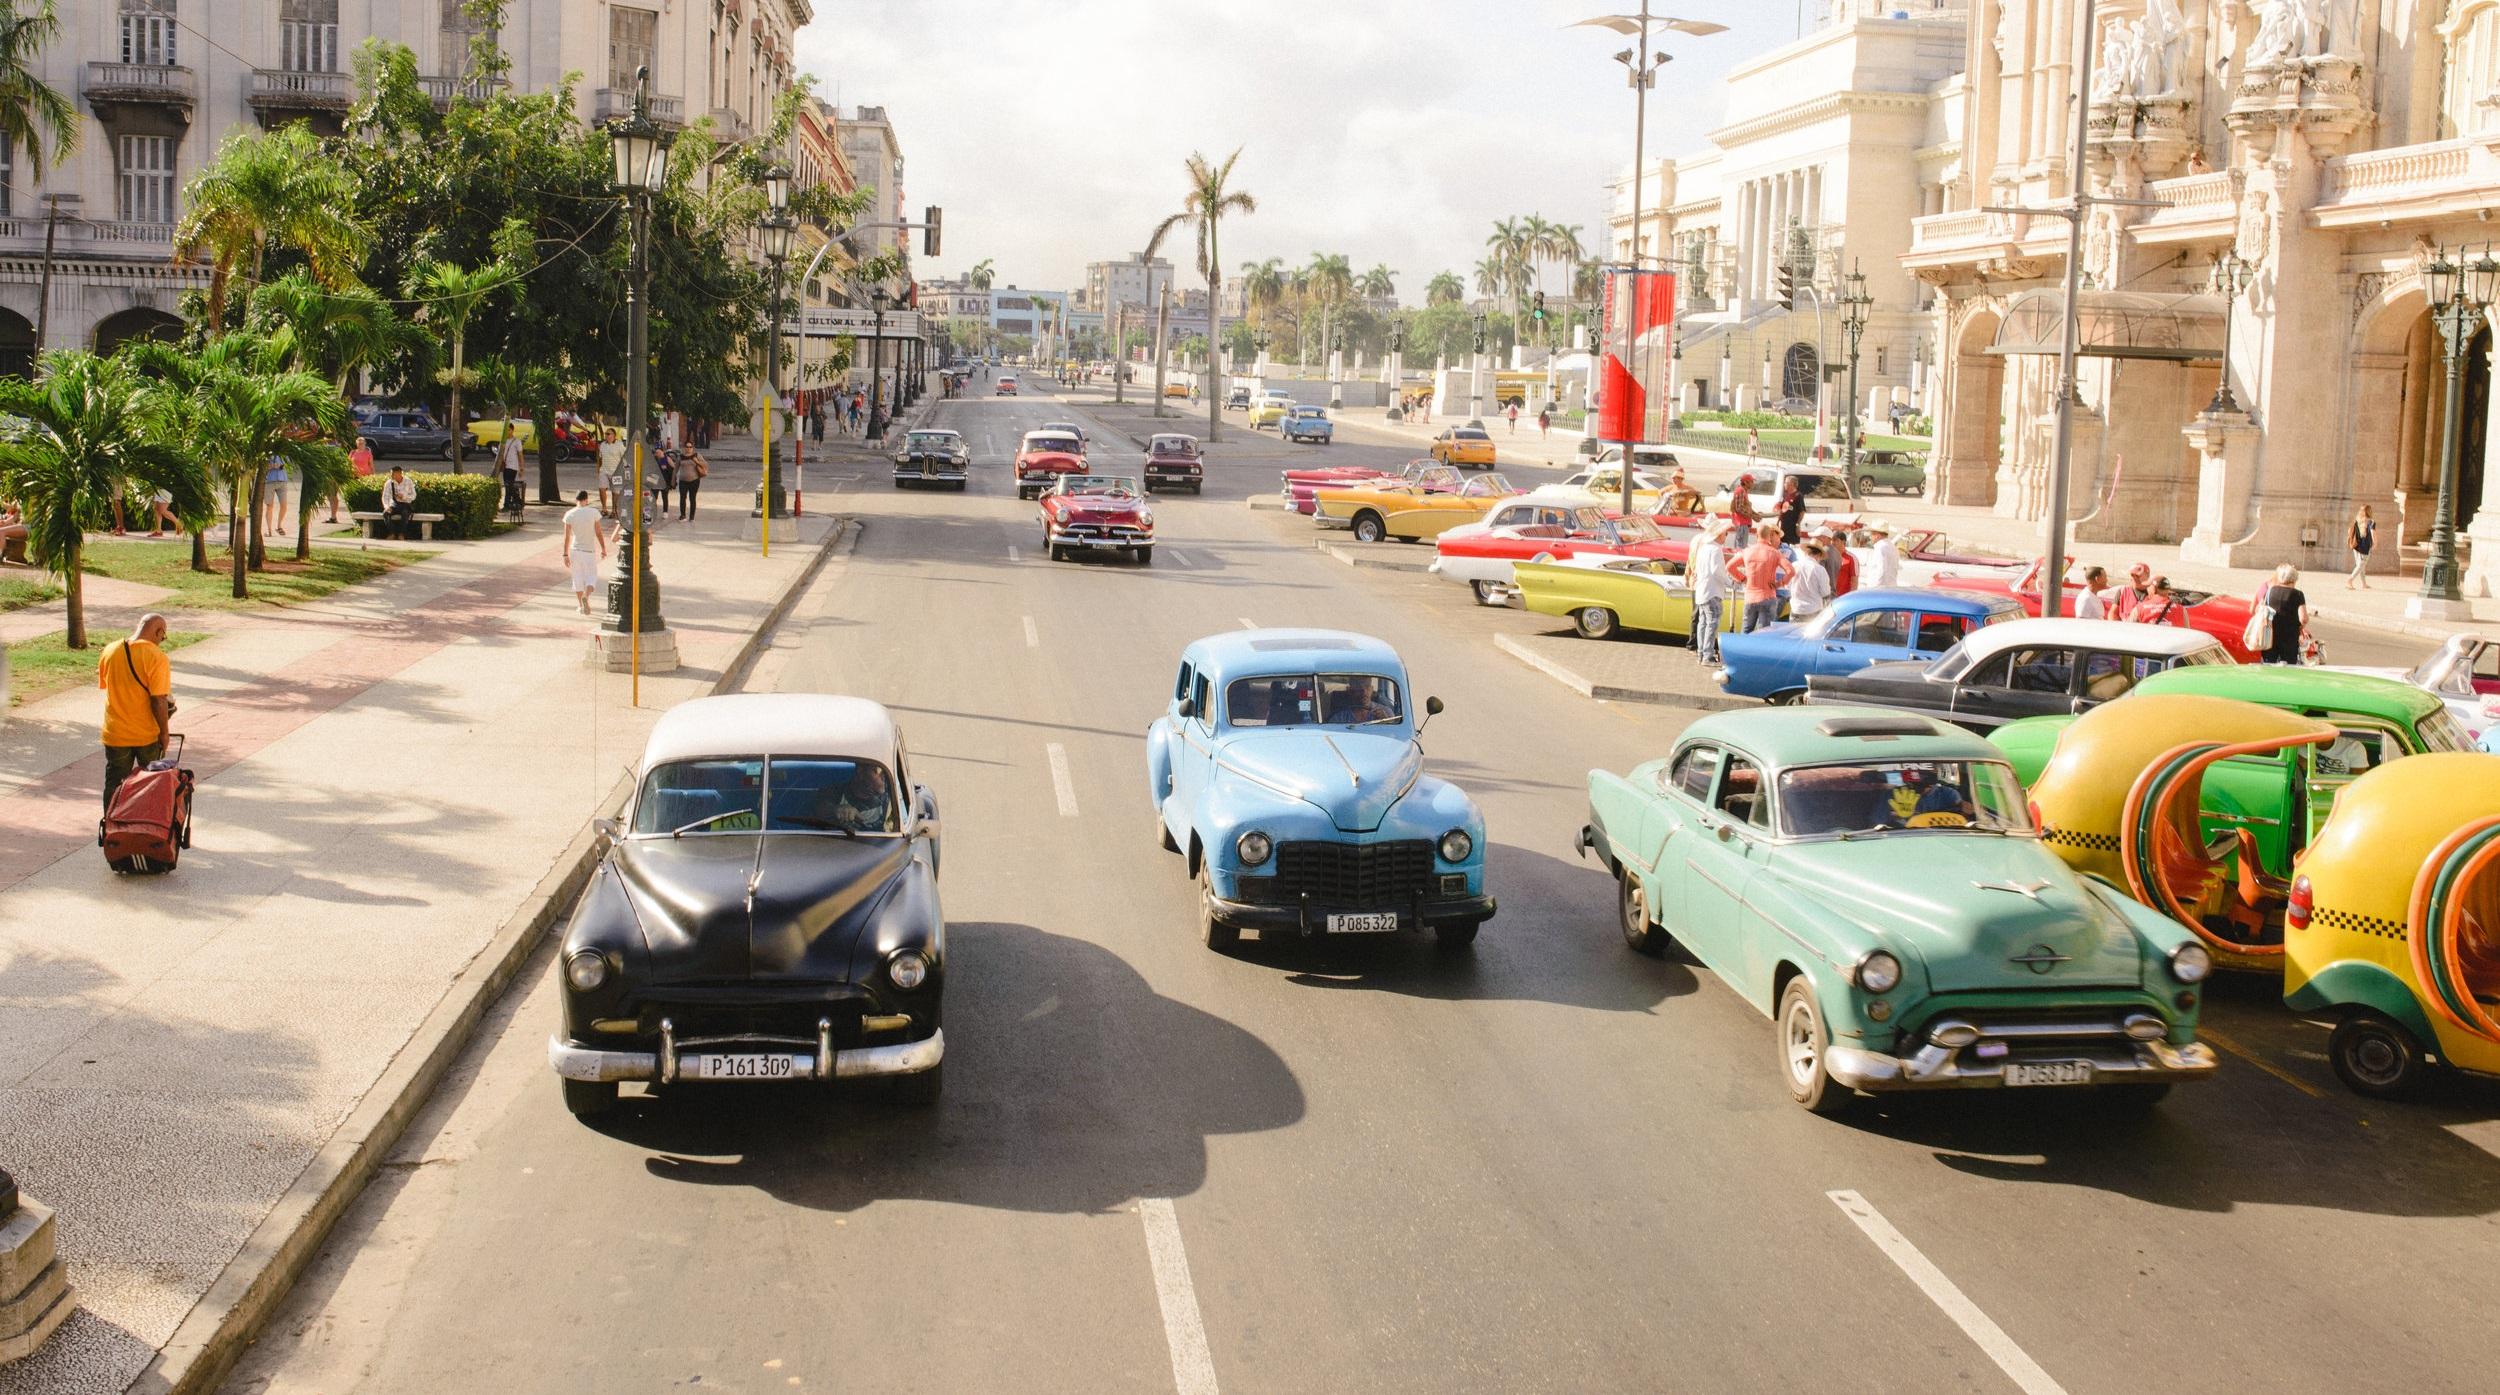 Classic 1950s cars in Cuba